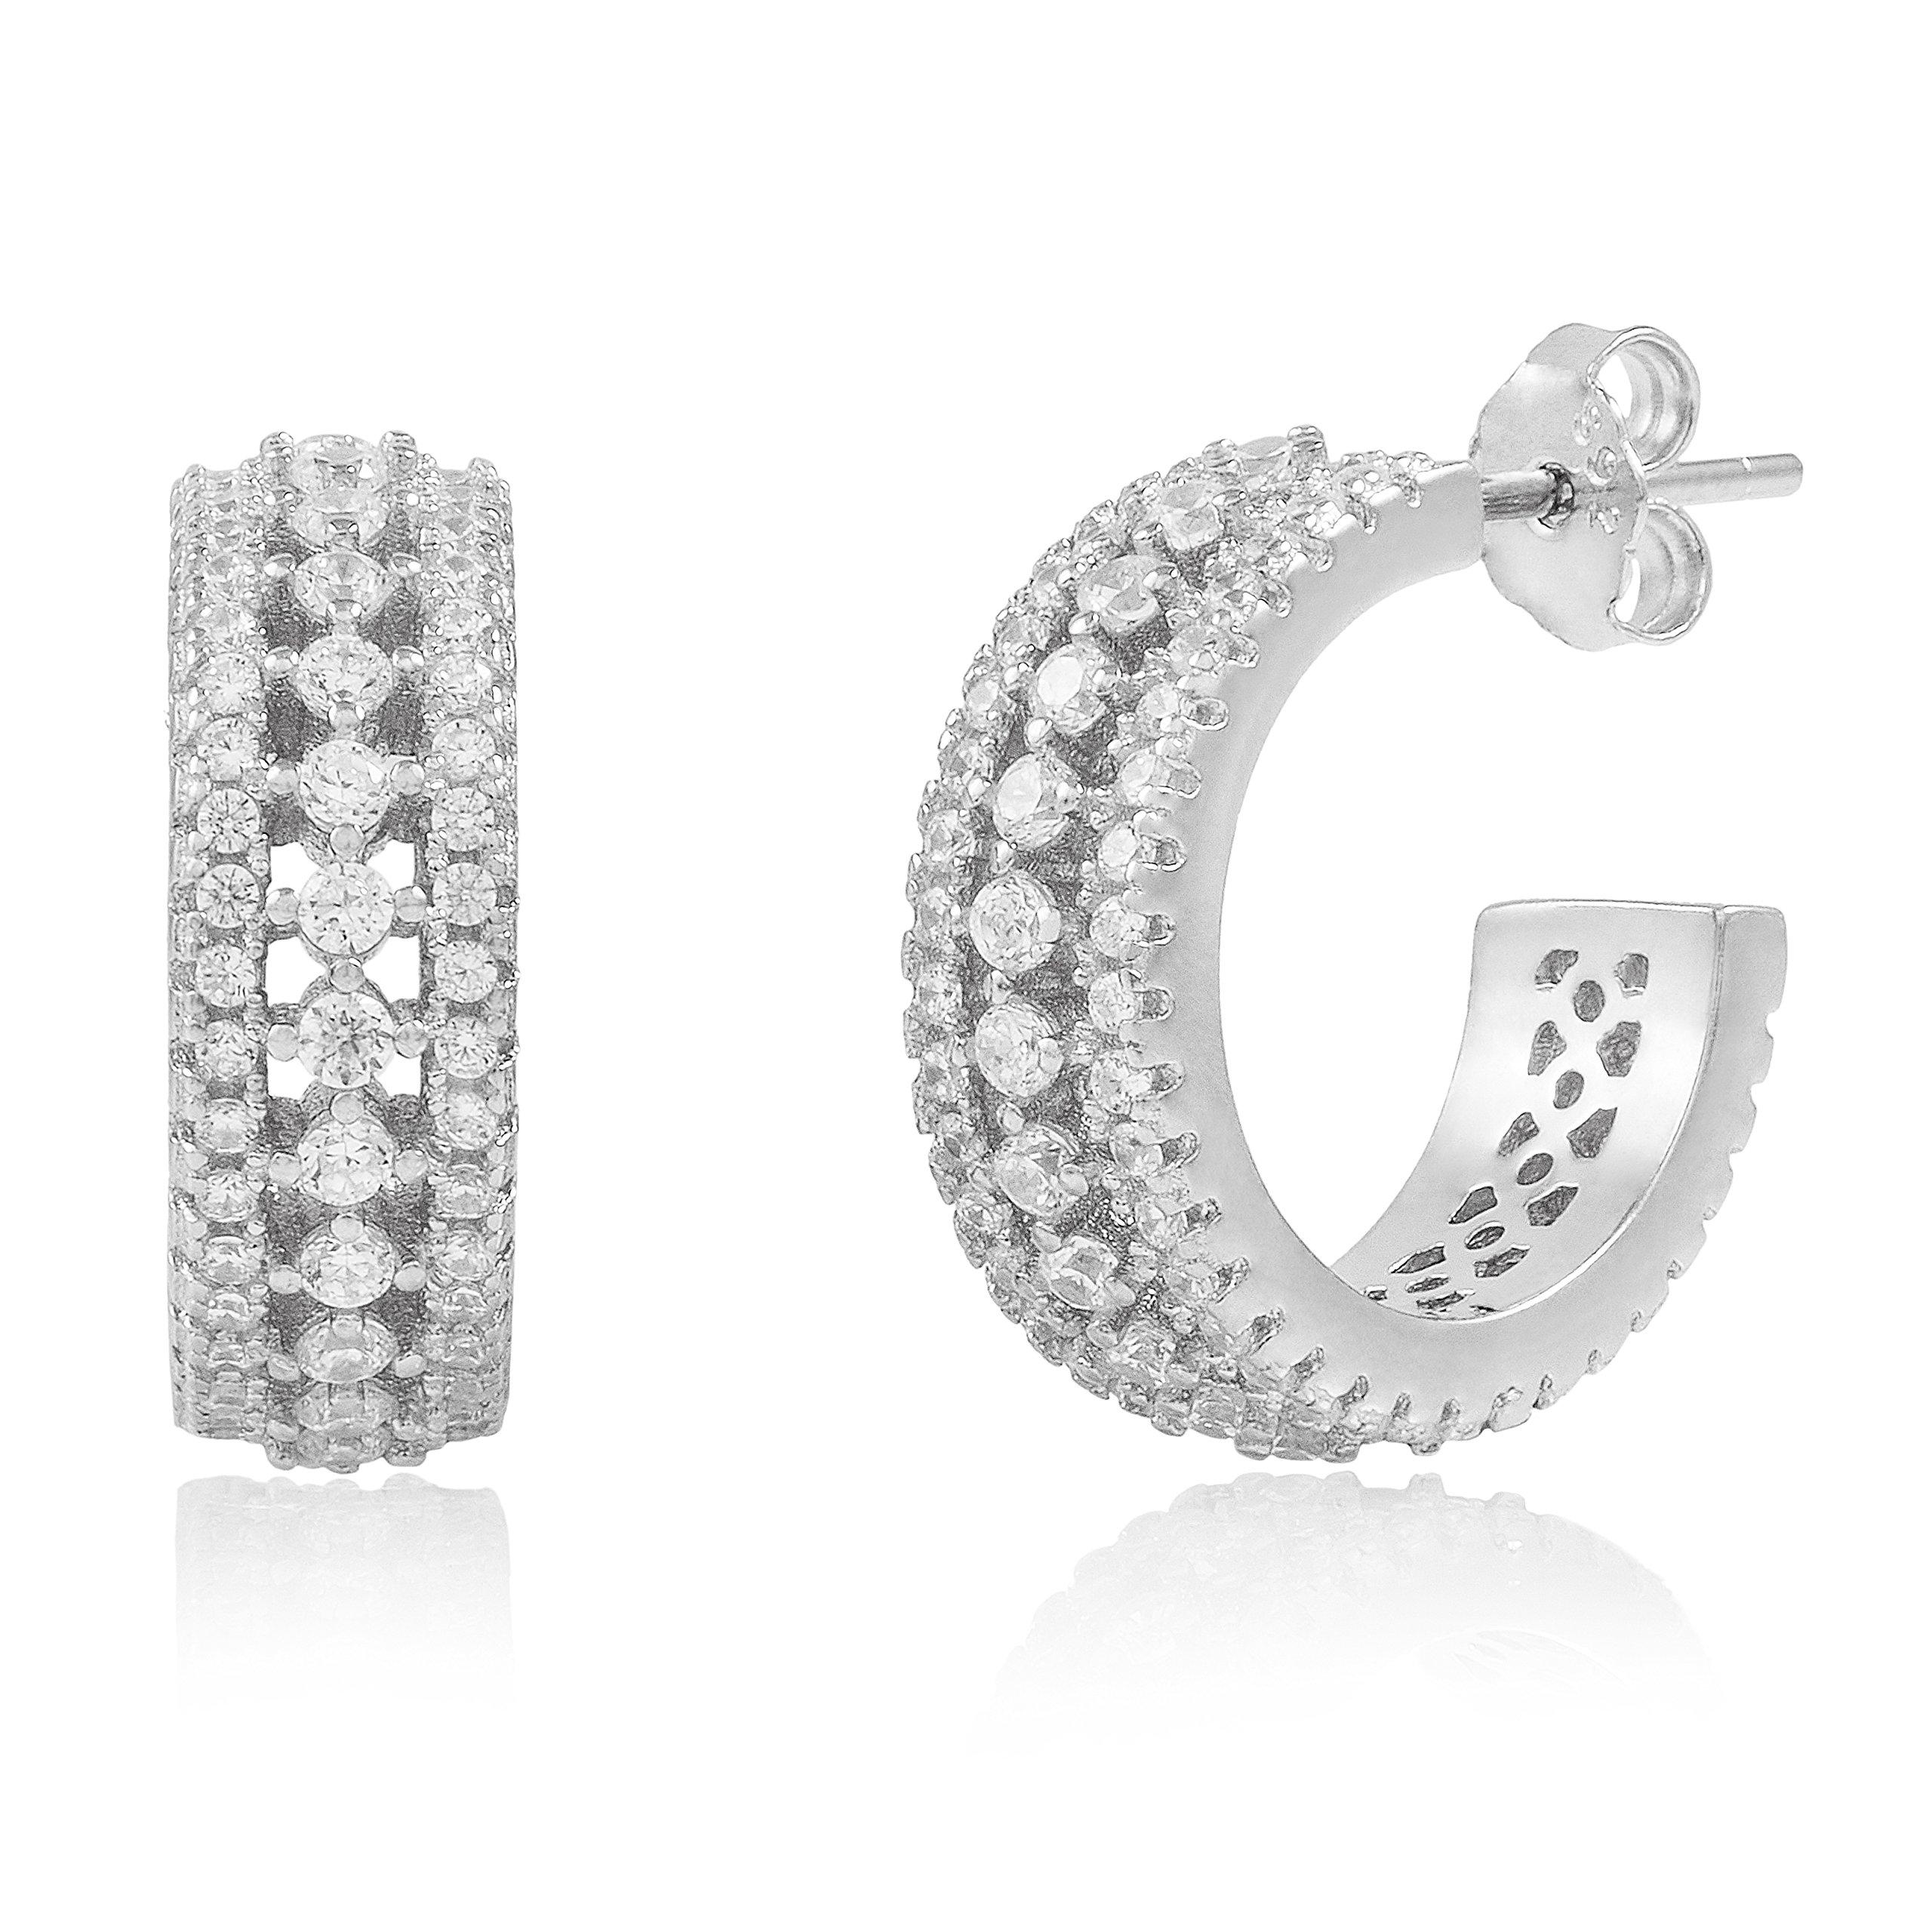 Rhodium Plated Sterling Silver Cubic Zirconia Huggie Hoop Earrings